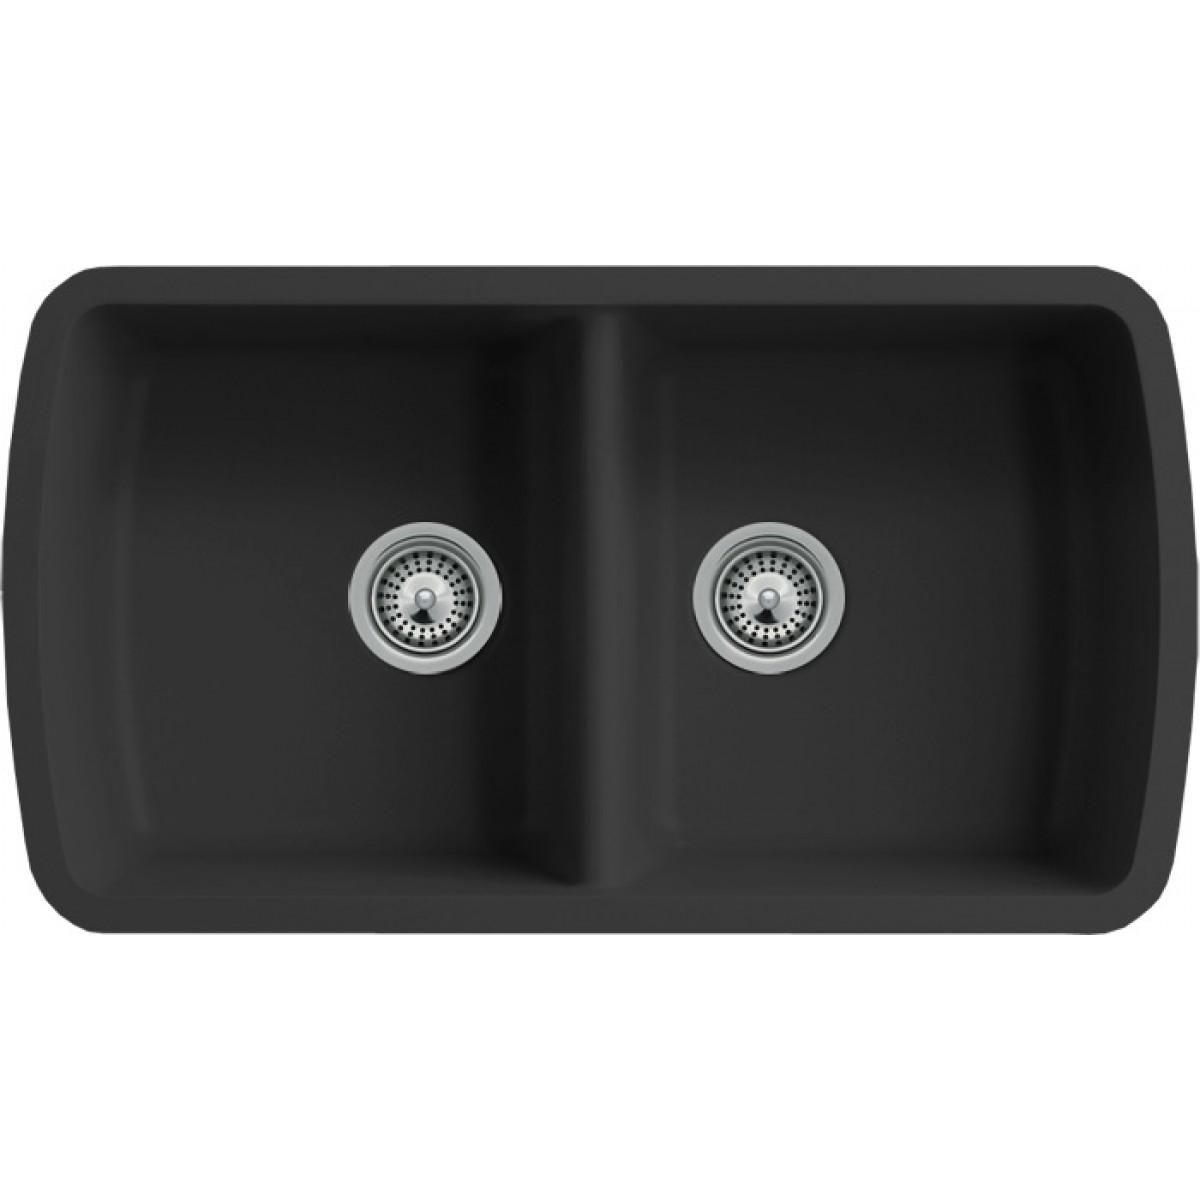 Undermount Granite Composite Kitchen Sinks Black Quartz Composite 50 50 Double Bowl Undermount Kitchen Sink